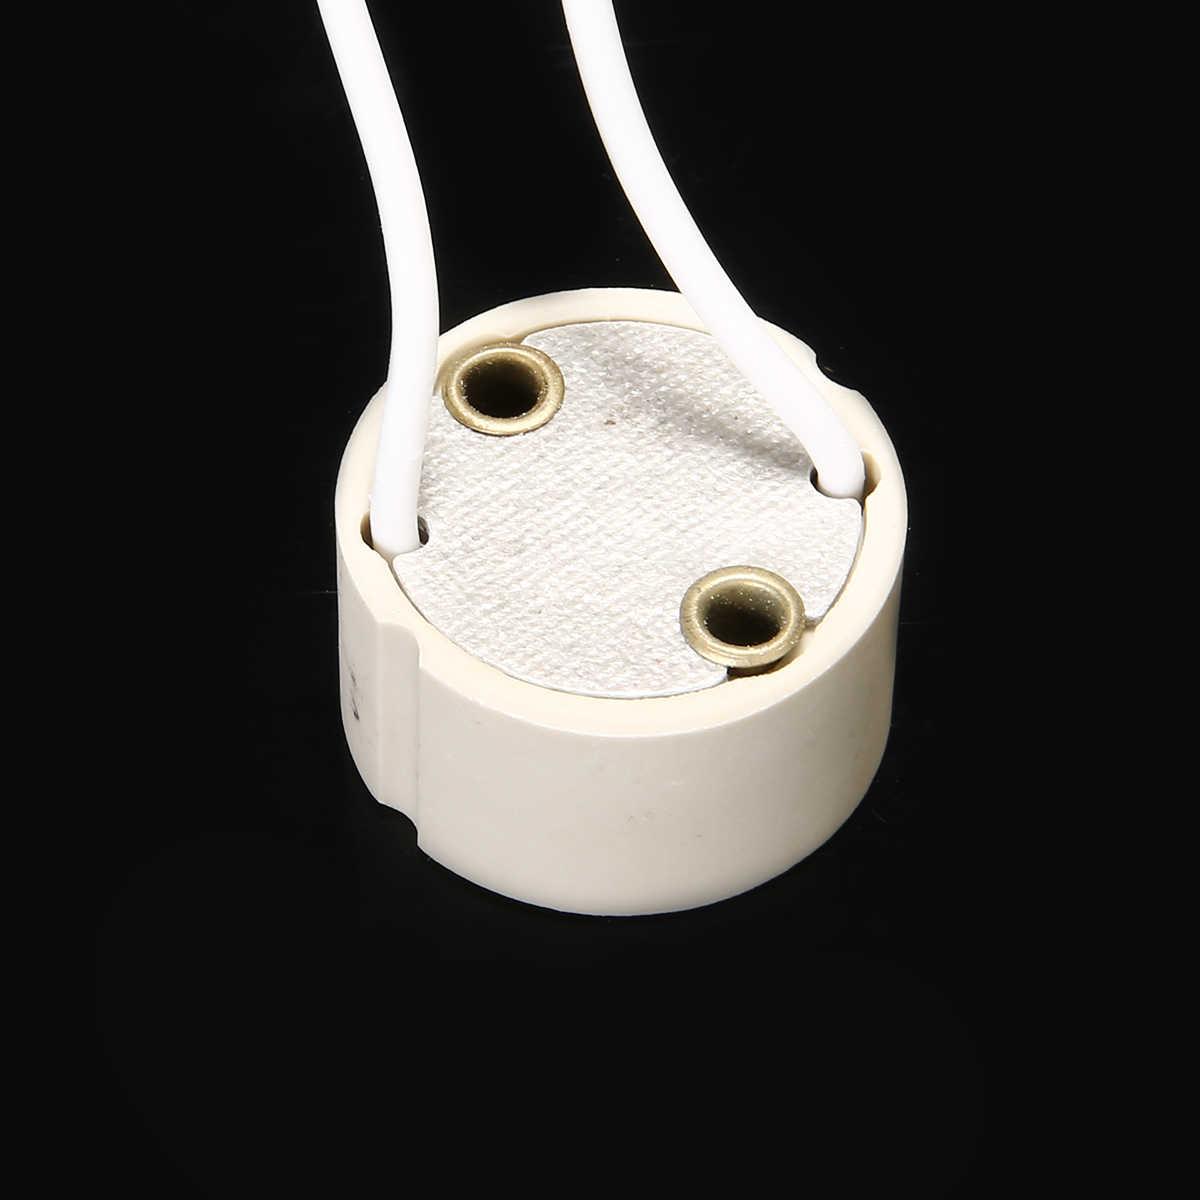 10 шт./лот GU10 держатель лампы гнездо Bbase адаптер провода разъем керамический разъем для Светодиодный галогенный светильник аксессуар